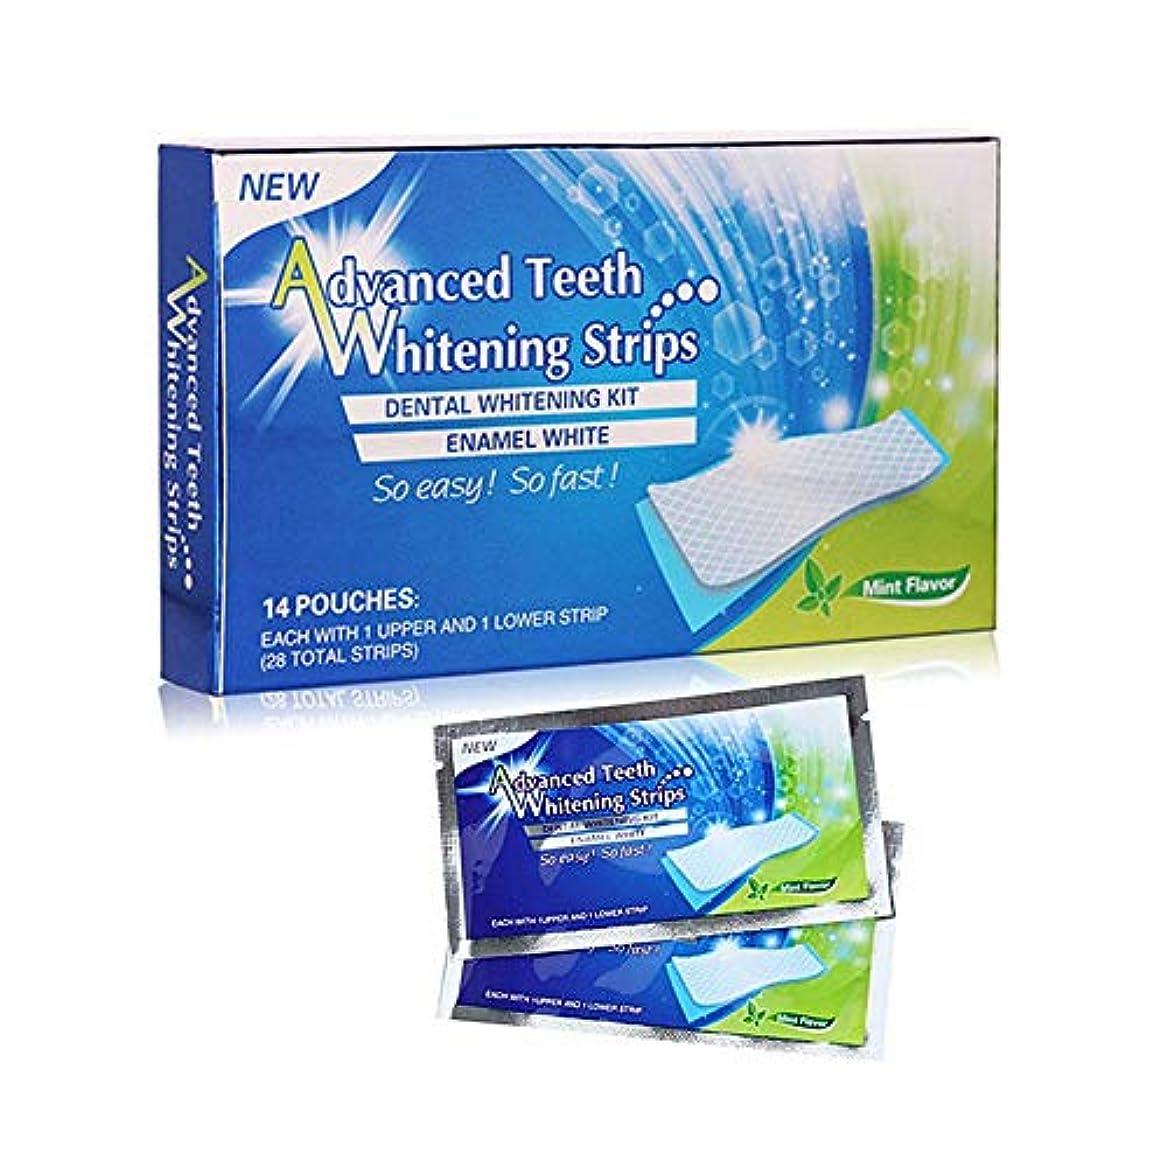 バリーまだ準備するVolwco 28 PCS 歯ホワイトニングストリップ ホワイトニング 3Dホワイトシート 歯磨き 歯マニキュア 粘着性 耐久性 美白歯磨き 汚れ除去 口腔衛生管理 歯科用具